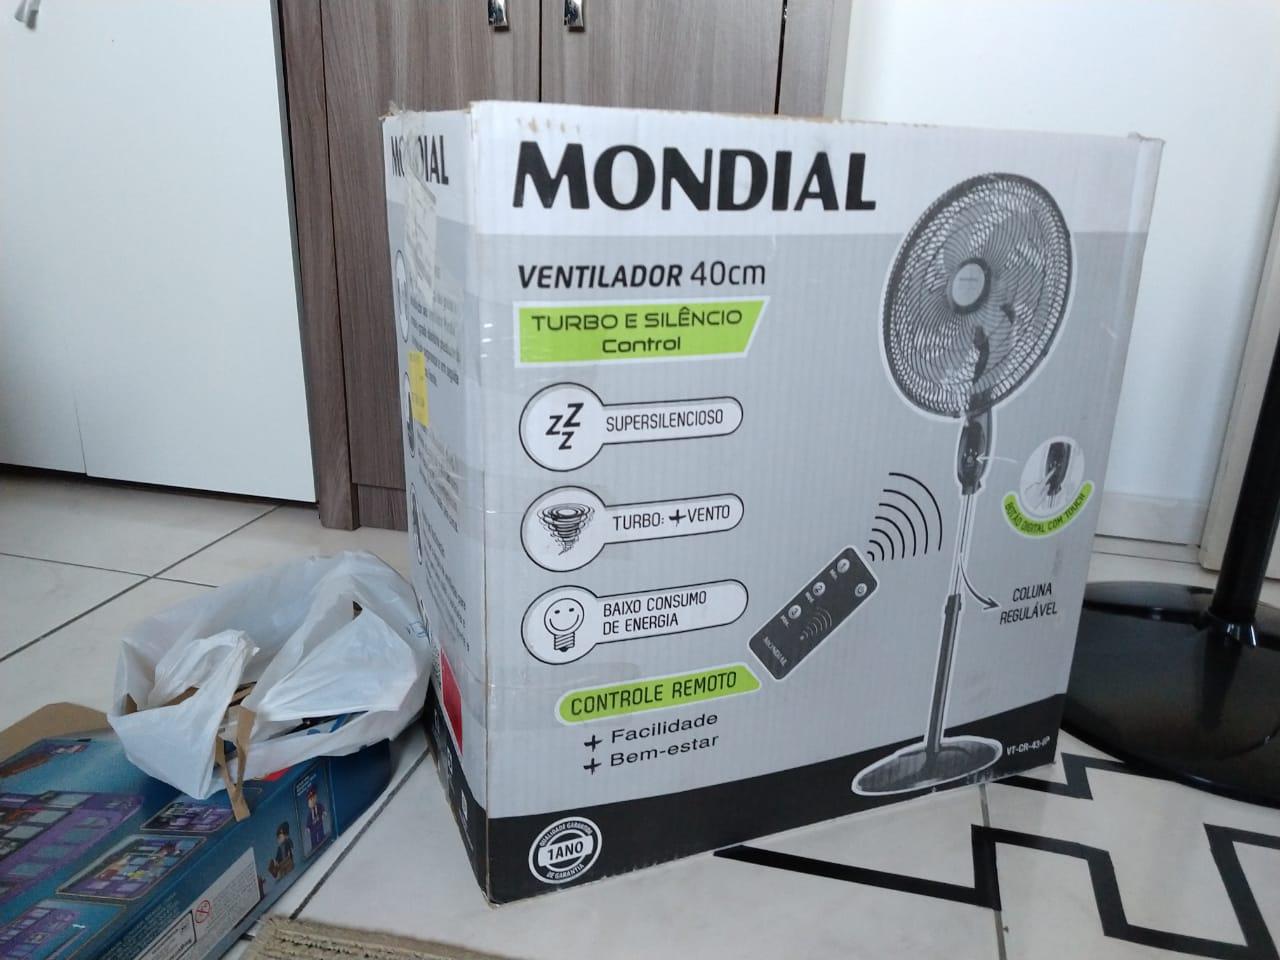 caixa ventilador mondial